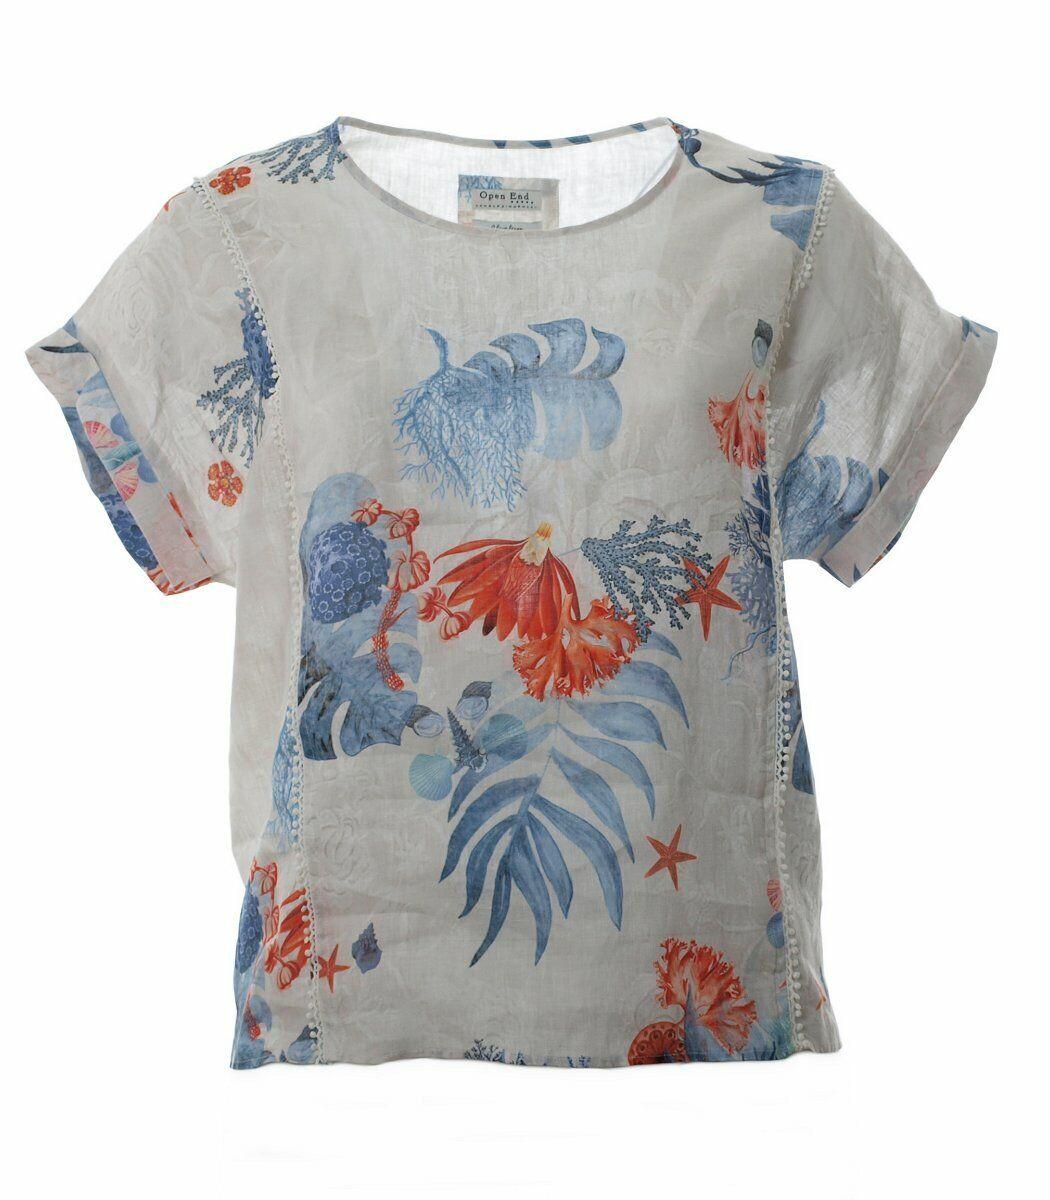 OverGröße kurzarm Leinen-Shirt Damen Top in Beige Blau große Größen